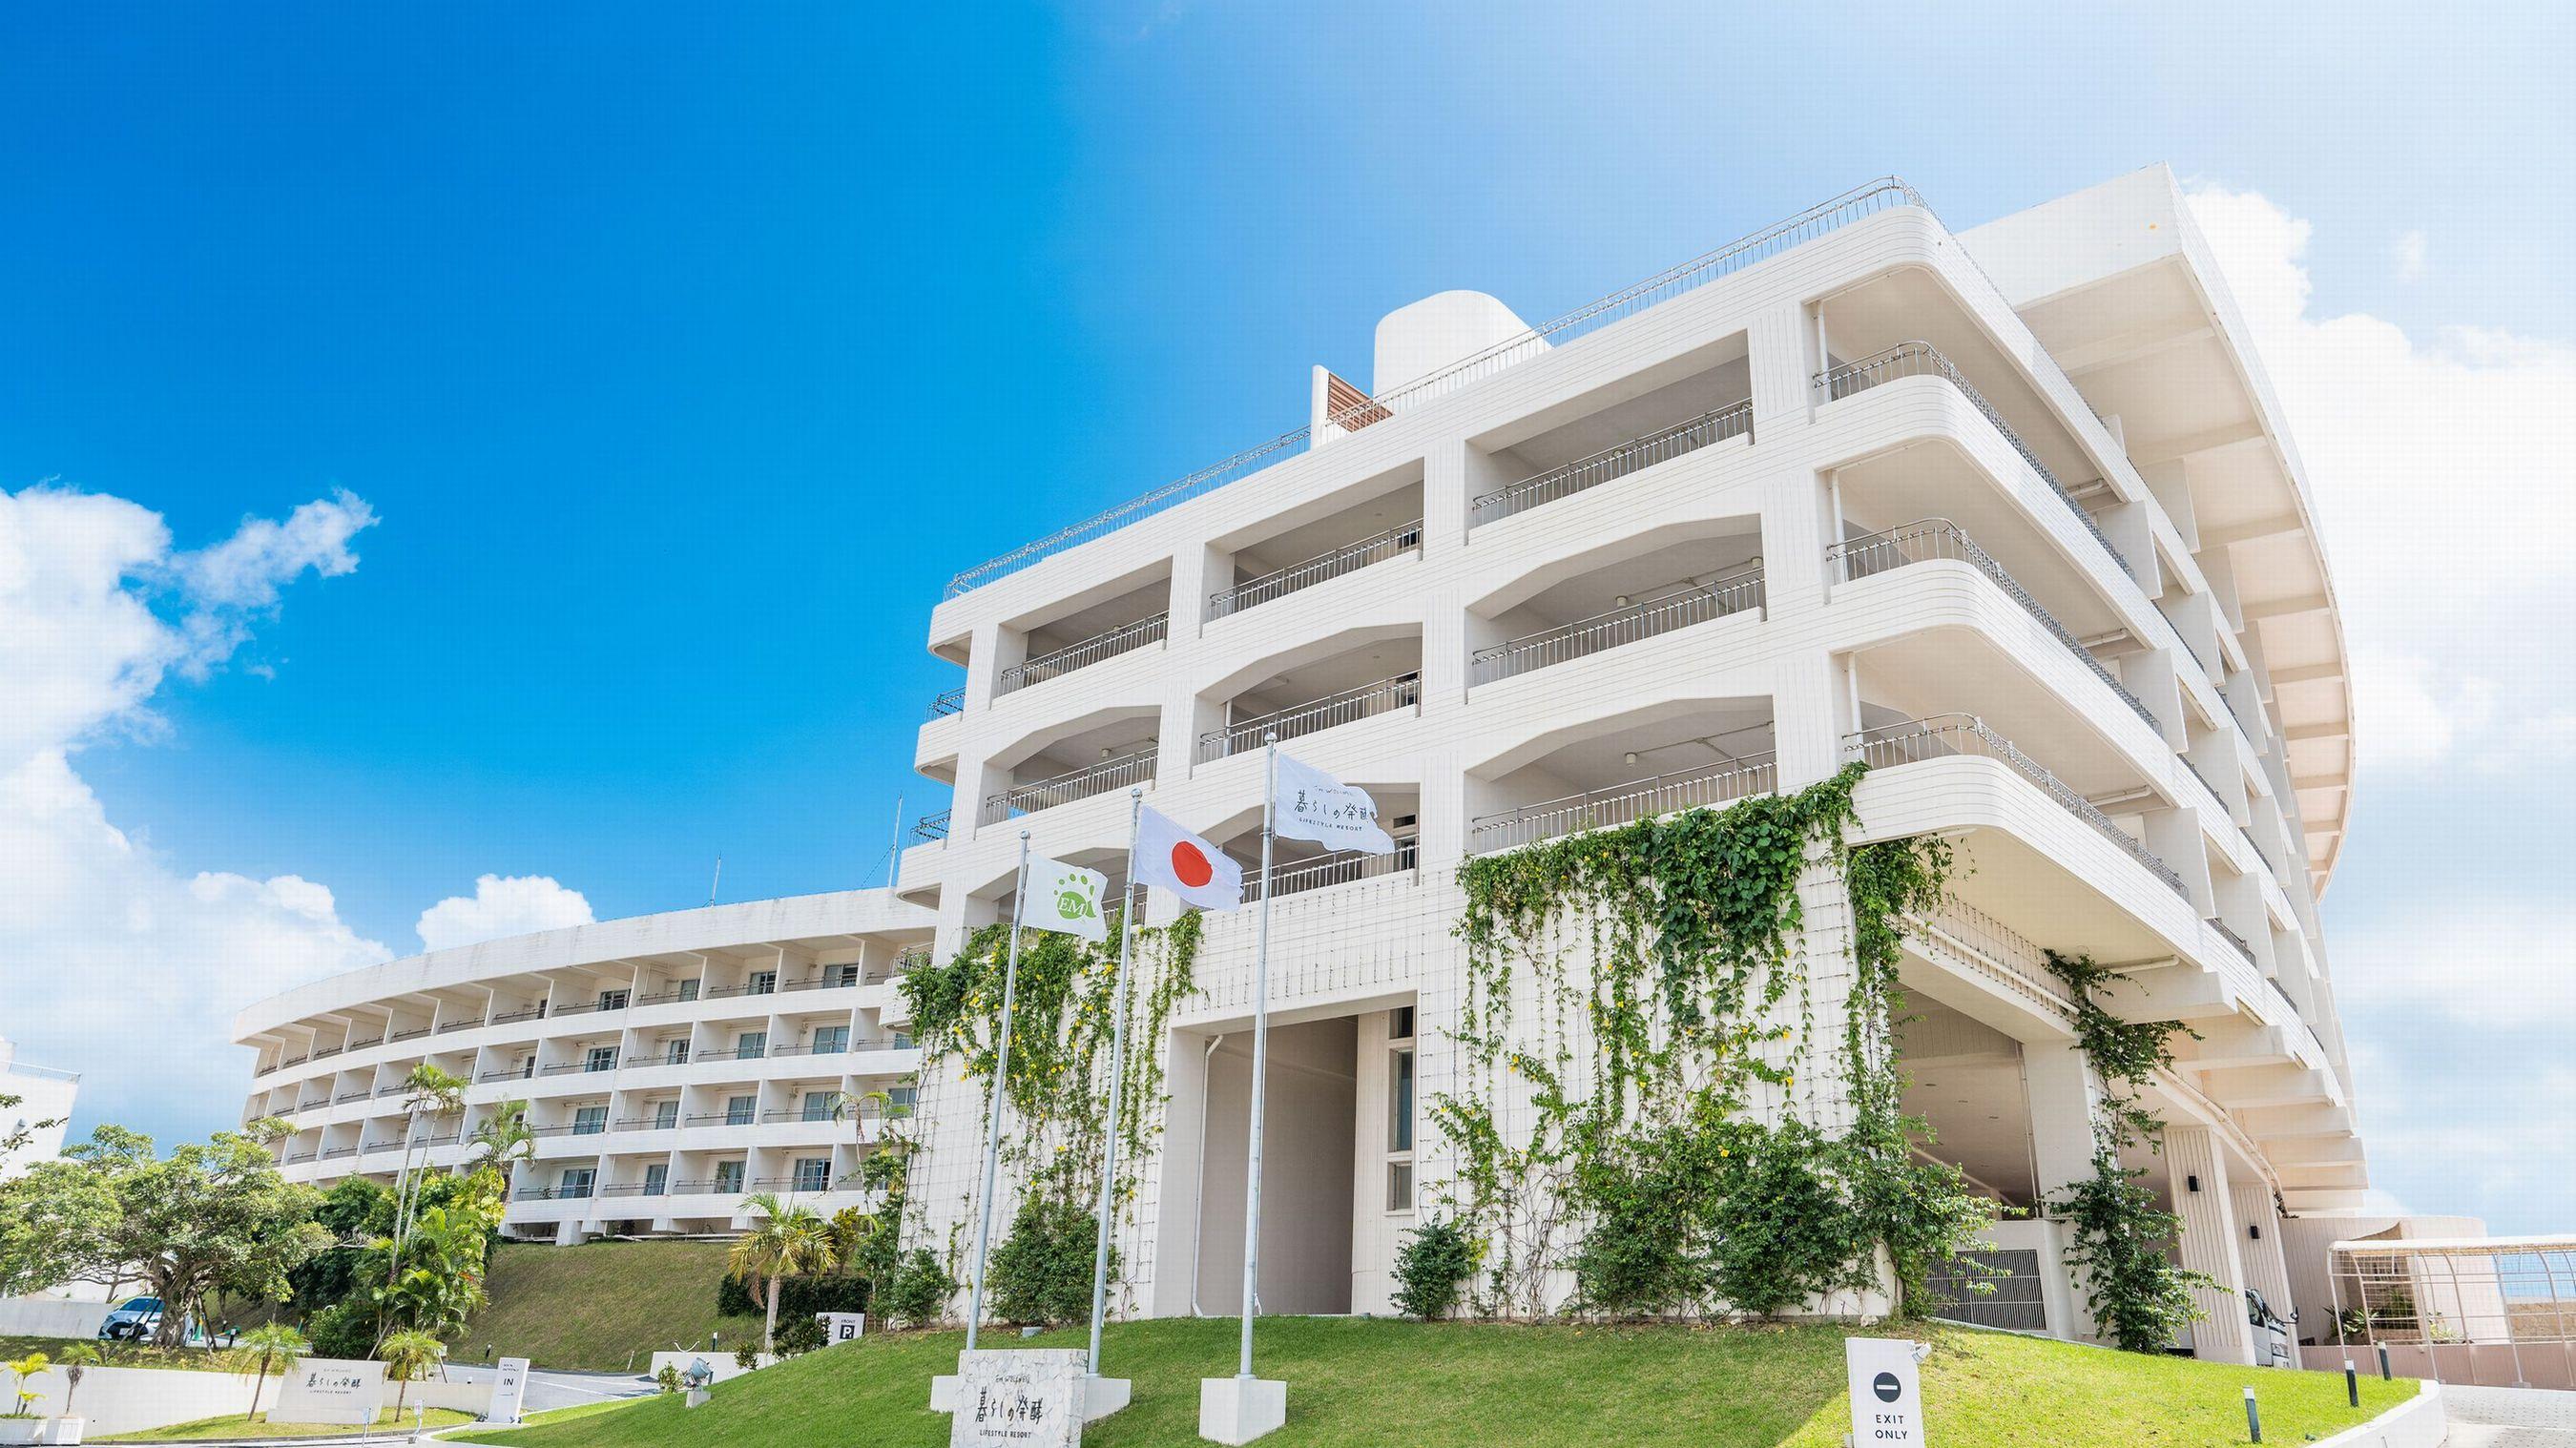 EMウェルネスリゾートコスタビスタ沖縄ホテル&スパ image